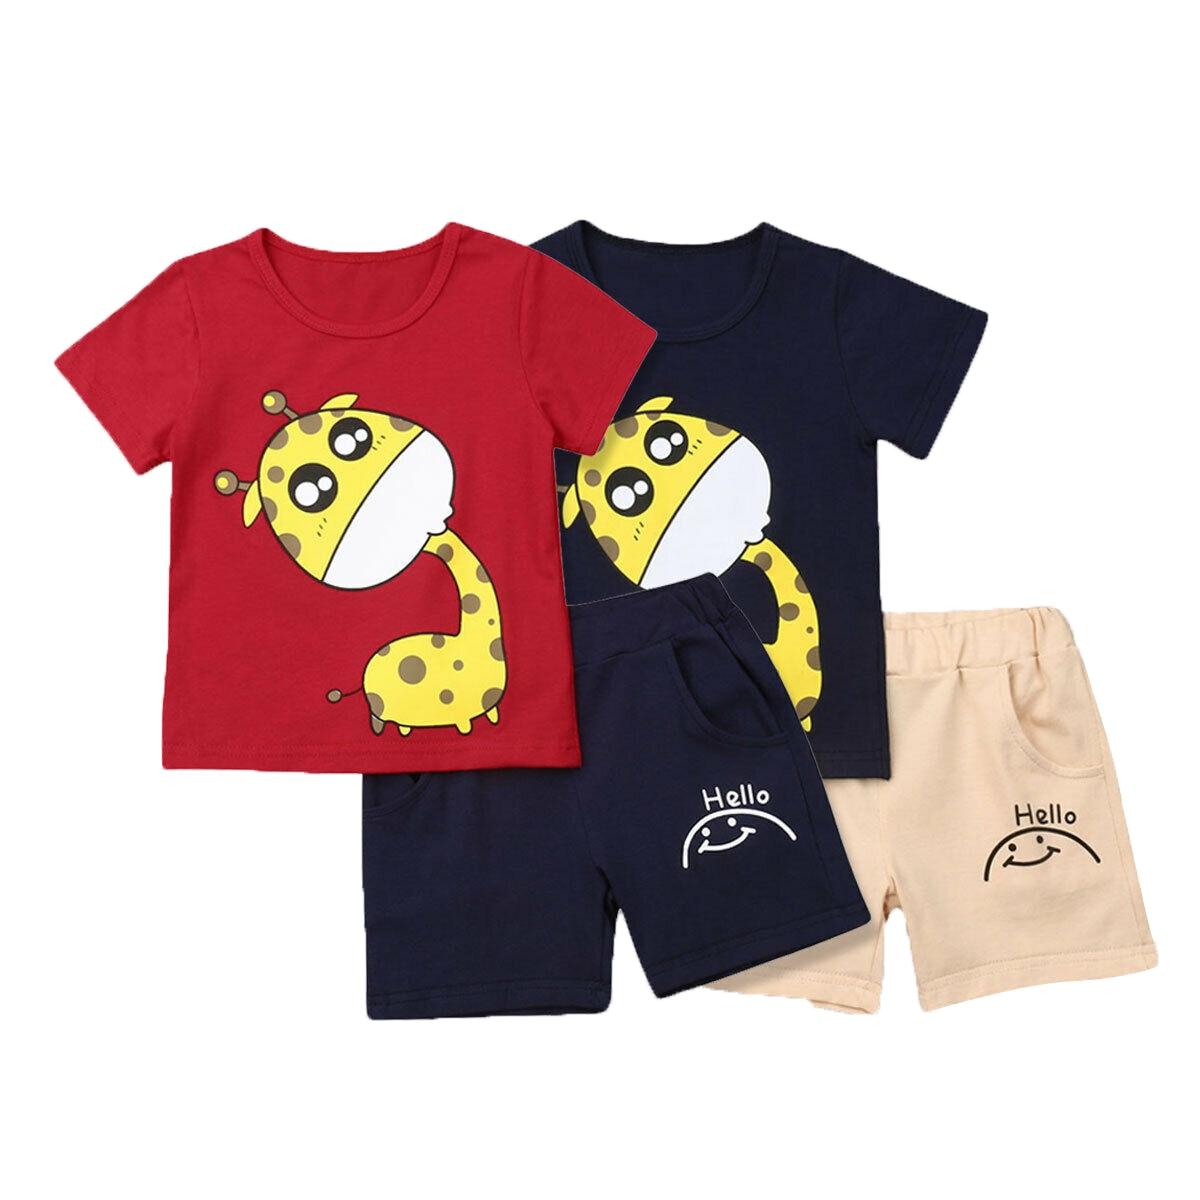 Newborn Baby Boys Summer Giraffe Tops T-shirt Shorts 2Pcs Outfits Set Clothes